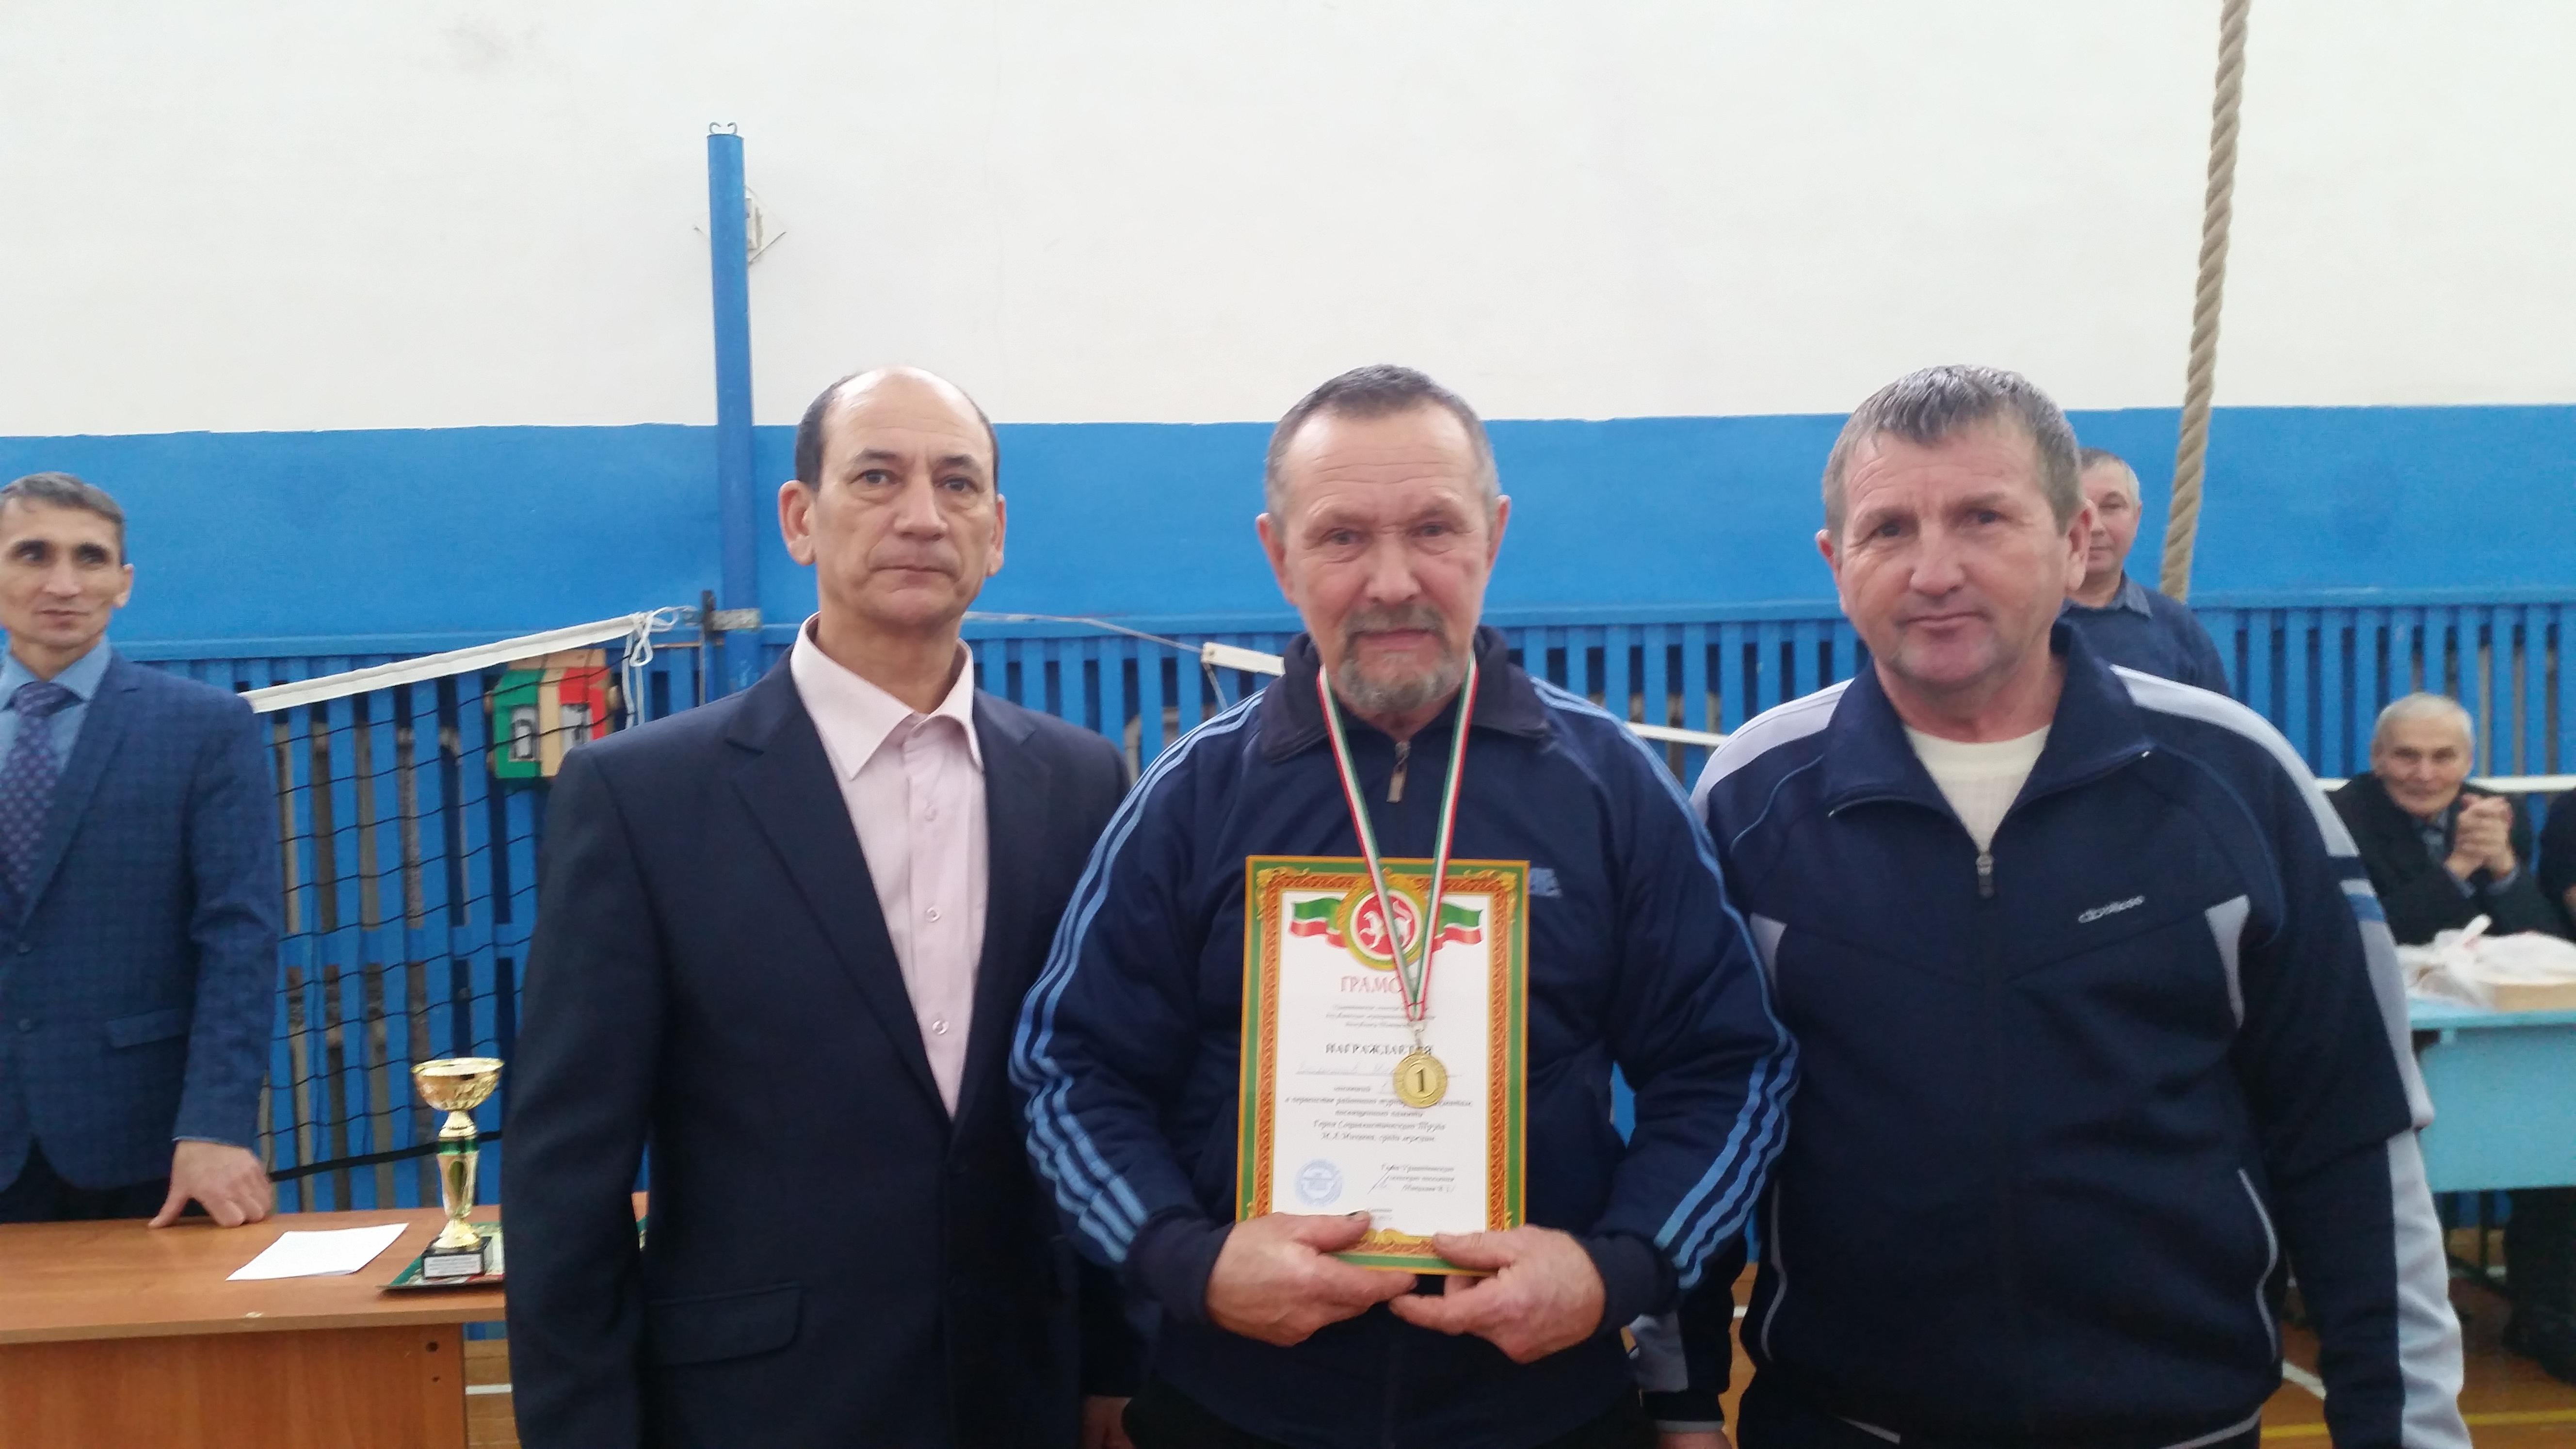 Водышев Михаил -1 место среди мужчин